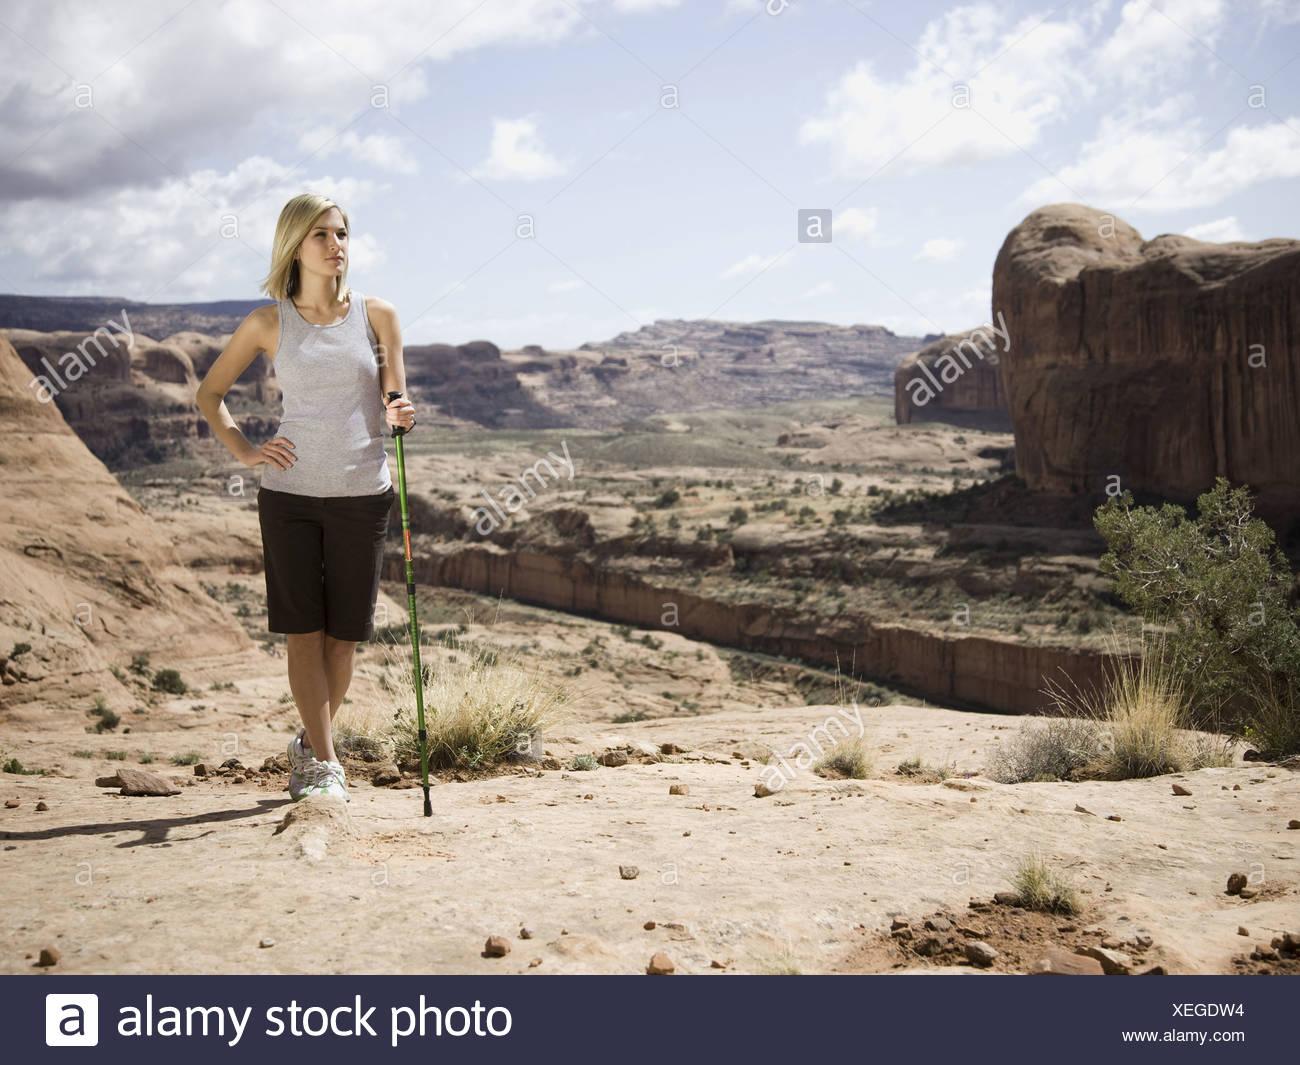 Mujer en el desierto Imagen De Stock